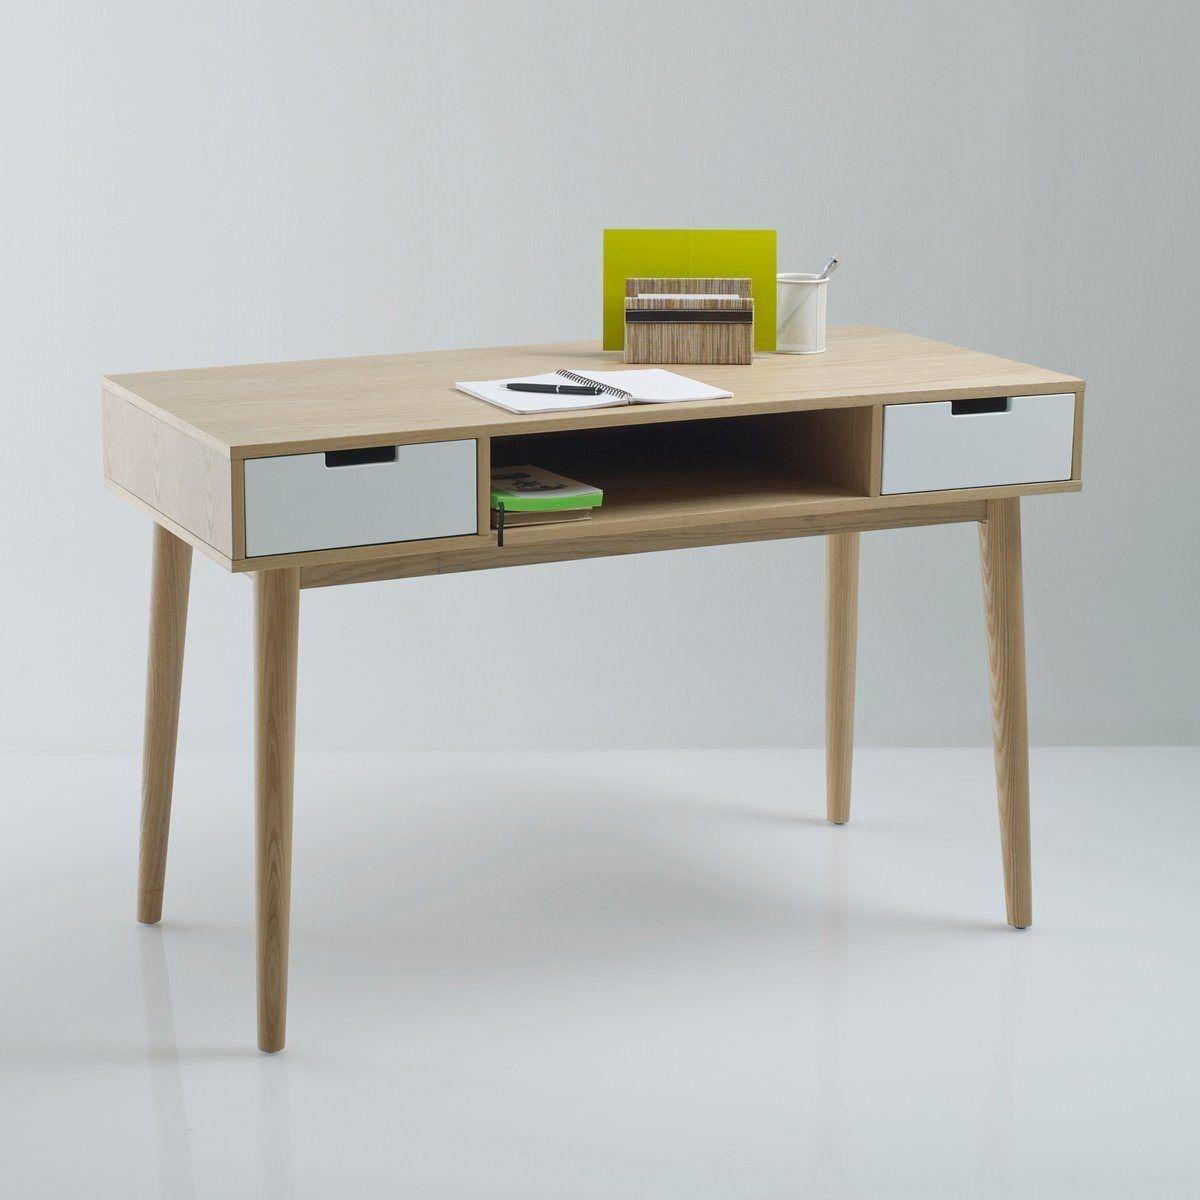 Le bureau 2 tiroirs, 1 niche, Jimi. Esprit vintage, ce bureau compact par ses dimensions ira facilement dans votre chambre ou votre salon. Ses 2 tiroirs et sa grande niche centrale vous permettront de ranger papiers, livres et stylos et même votre ordinat